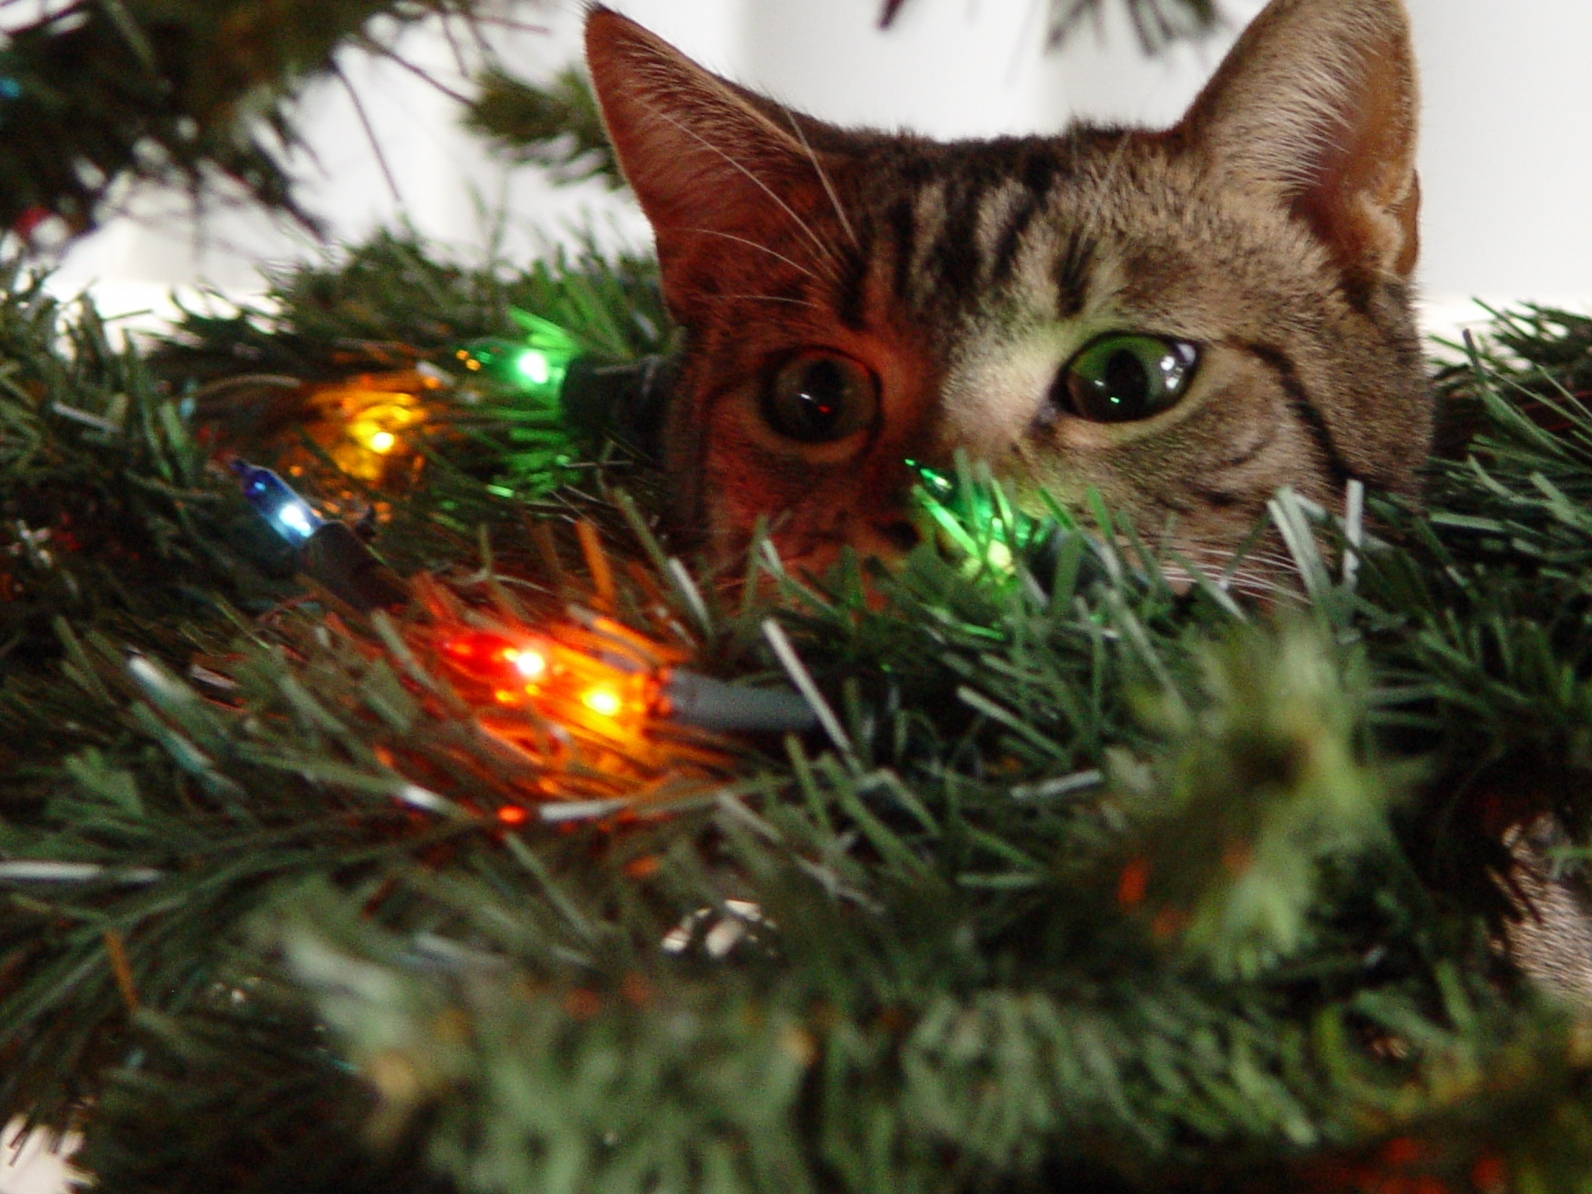 chat de noel Les dangers de Noël chez le chat   Problèmes saisonniers chez le  chat de noel